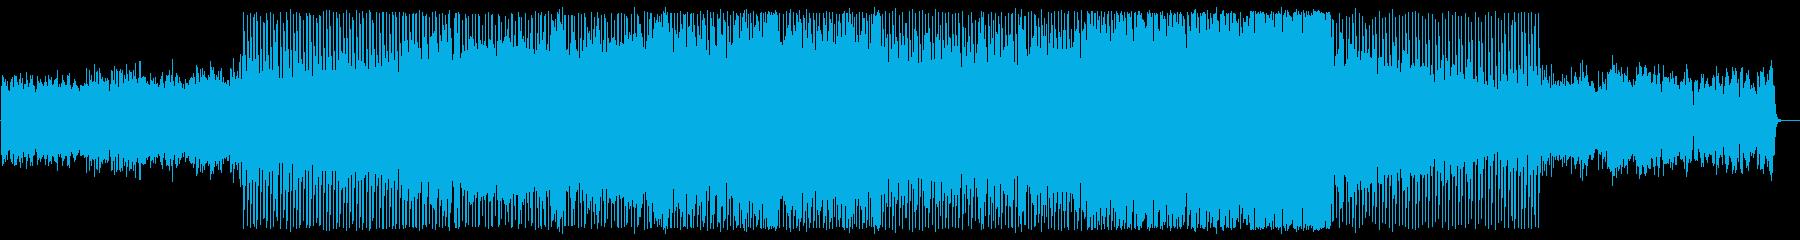 穏やかで軽快なピアノテクノポップサウンドの再生済みの波形